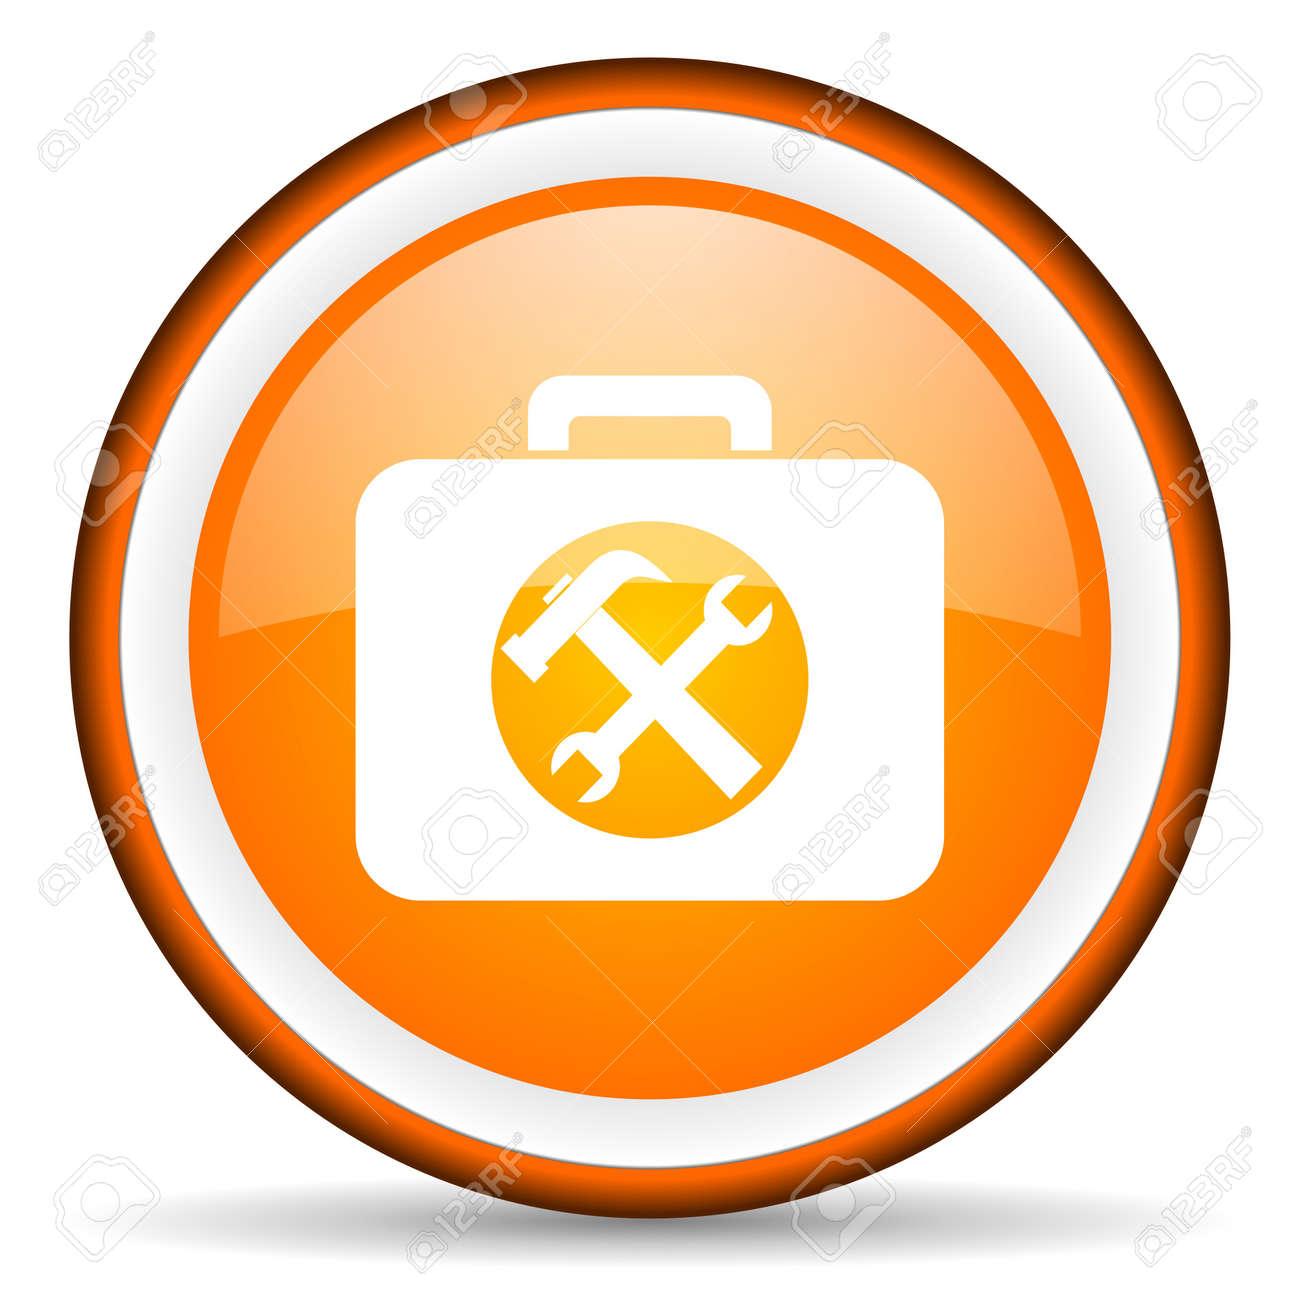 orange circle glossy web icon with pictogram on white background Stock Photo - 17318881